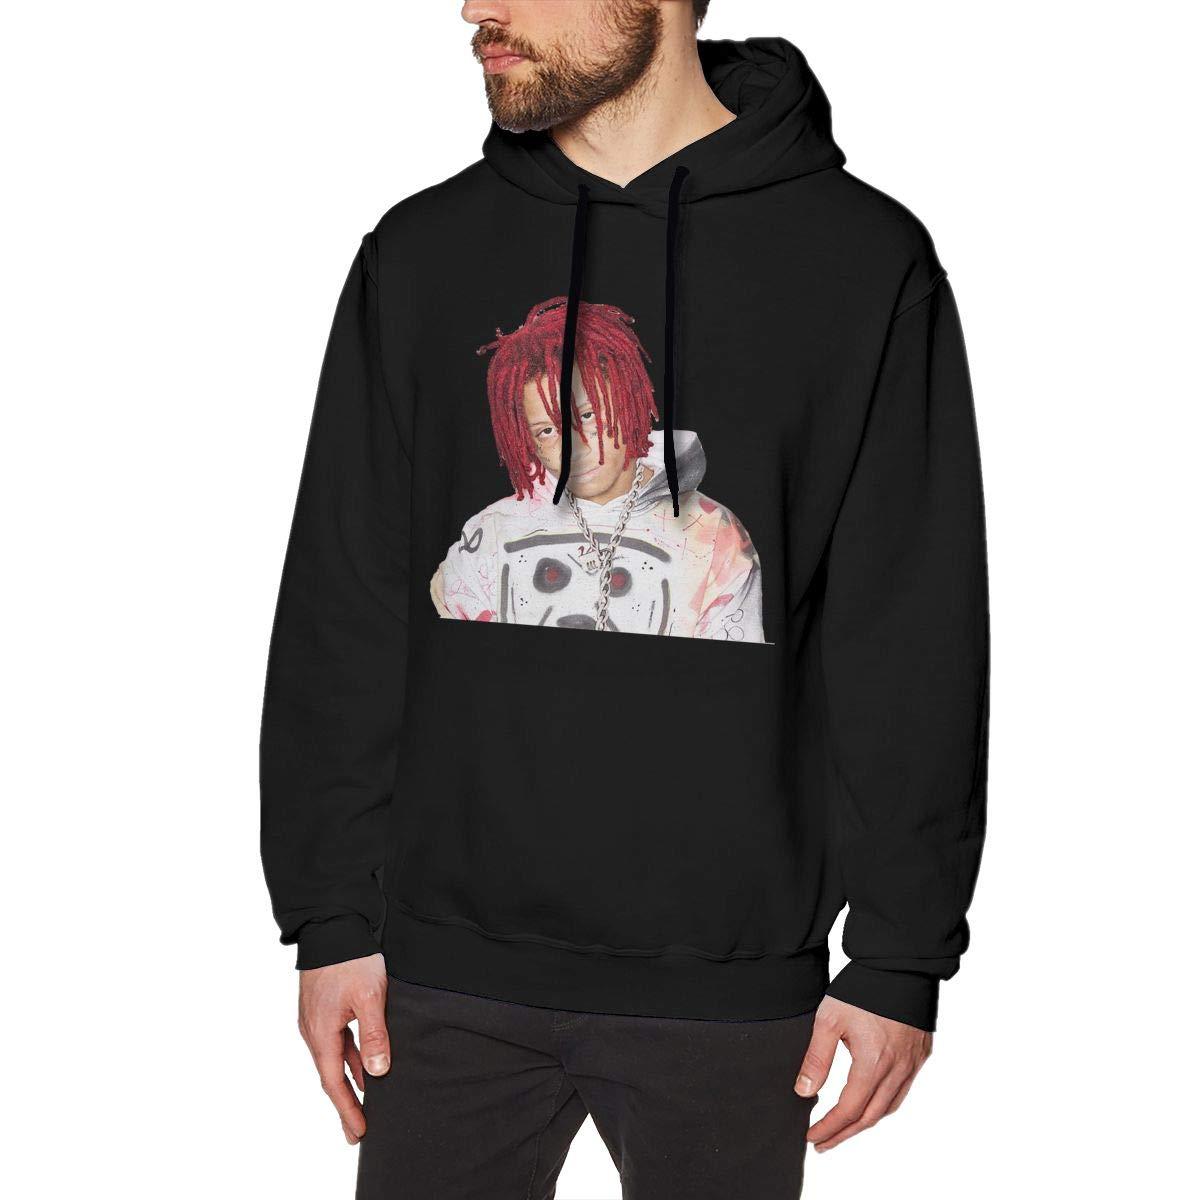 YUNY Mens Long-Sleeve Pullover Printing Leisure Hoodie Christmas Sweatshirt S